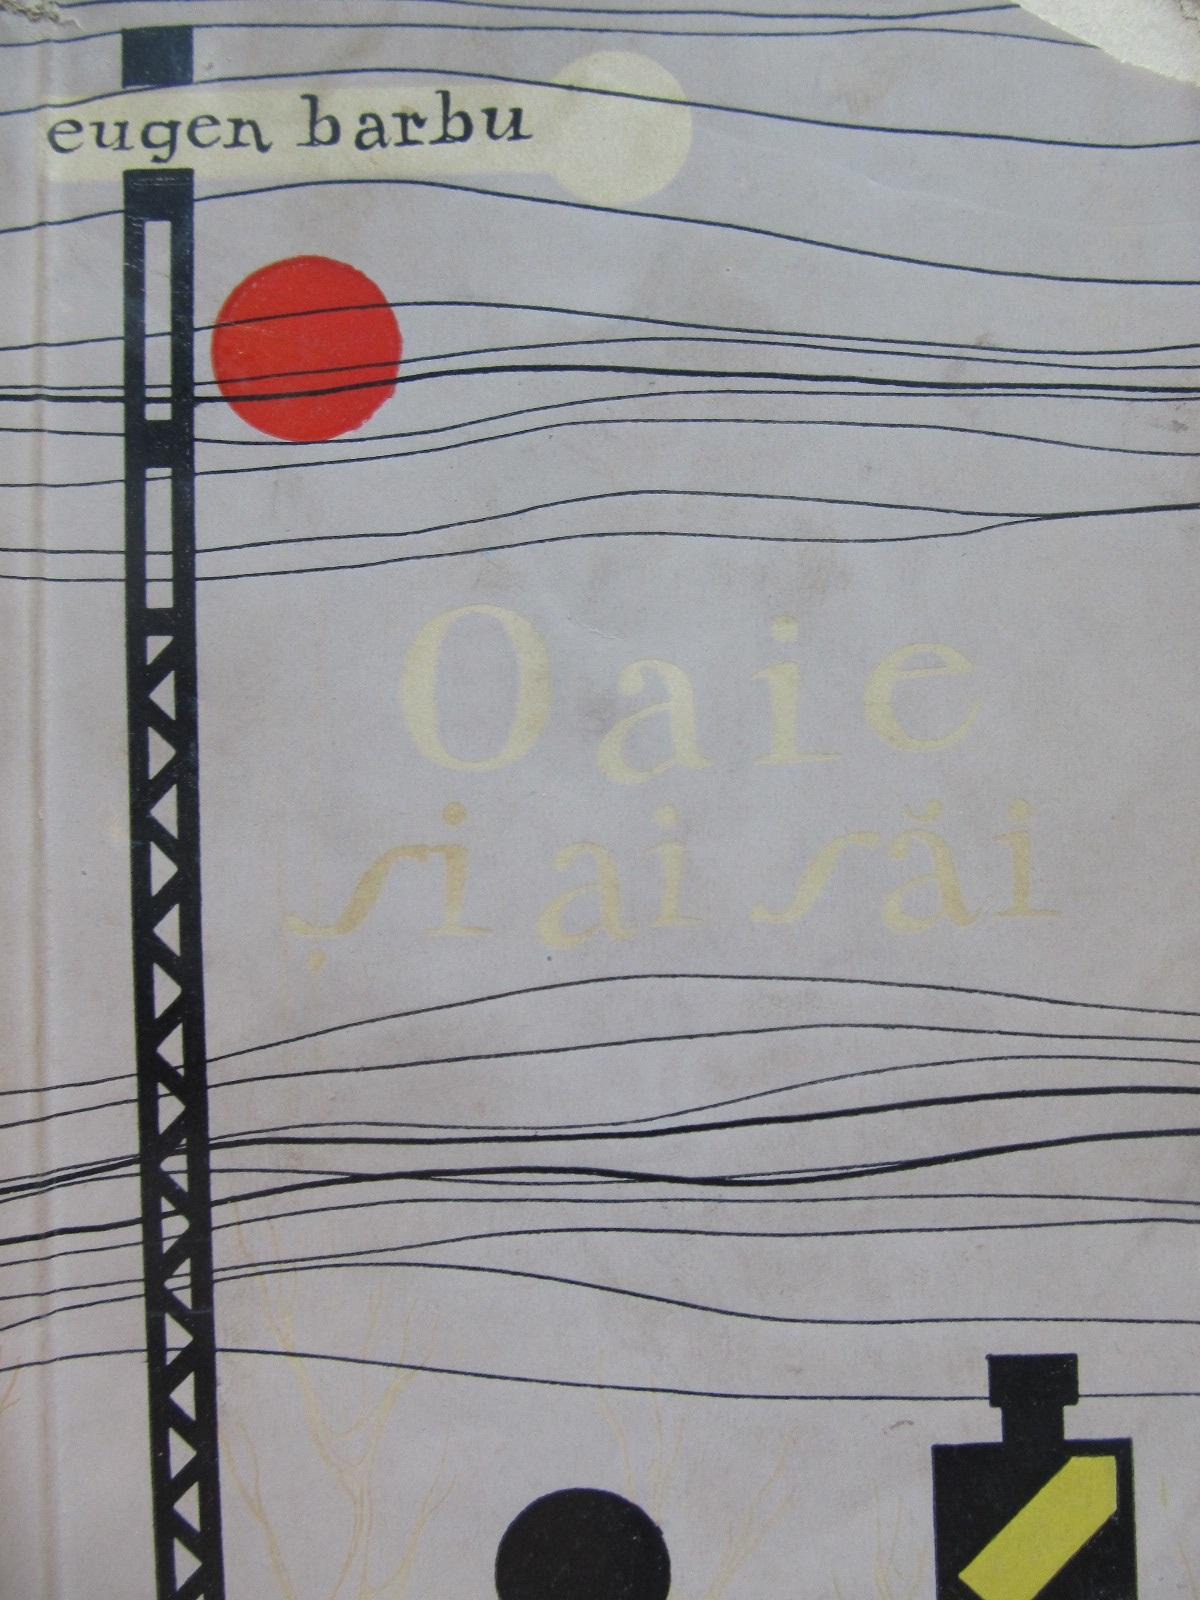 Oaie si ai sai - Eugen Barbu | Detalii carte